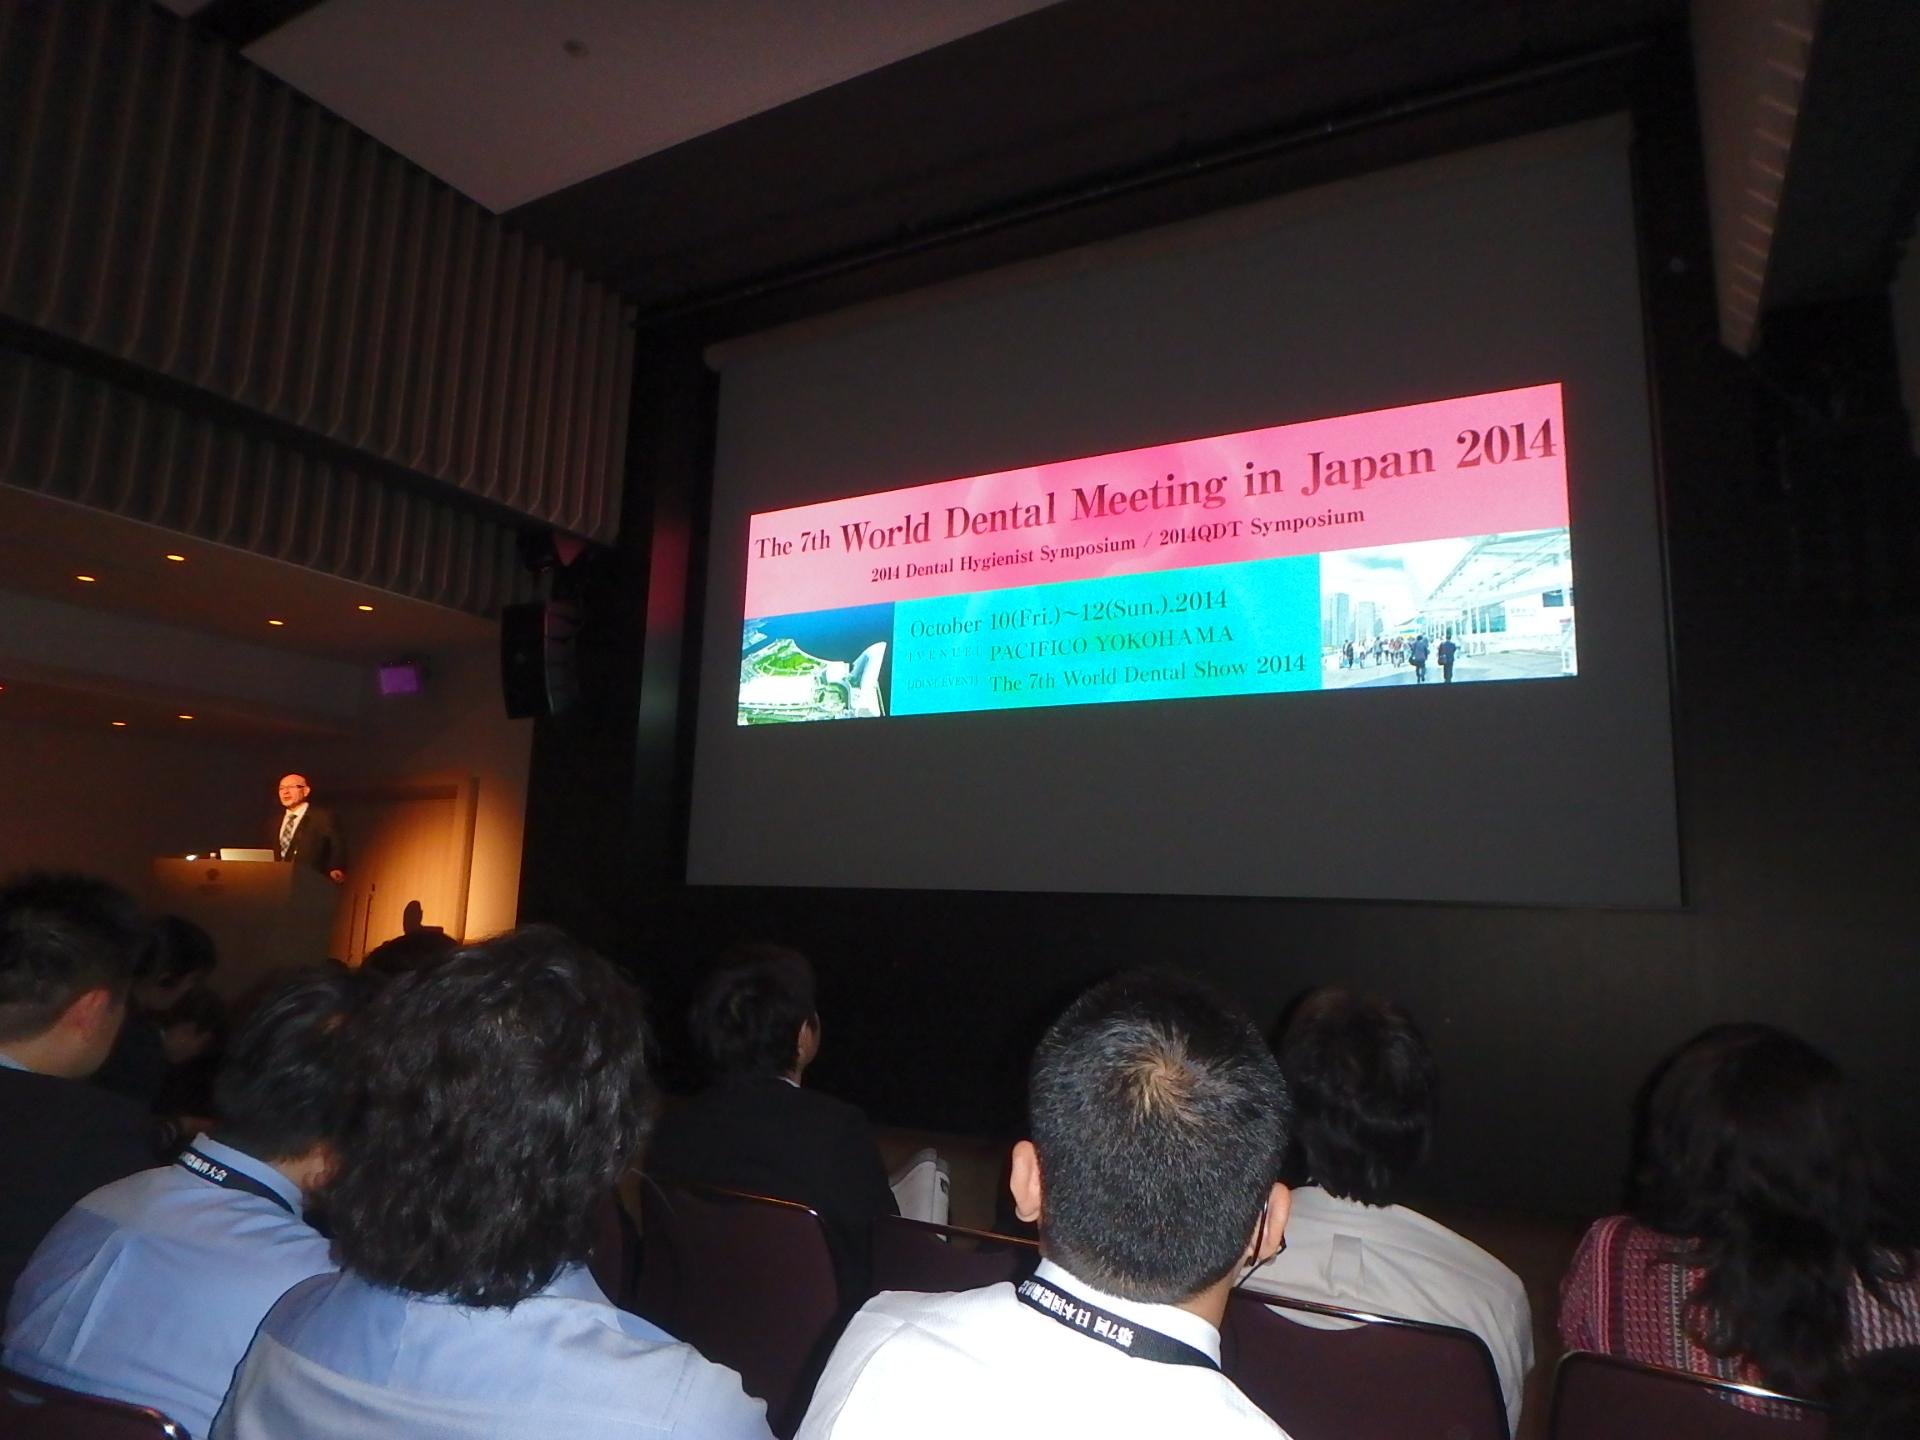 第7回 日本国際歯科大会 参加してきました!